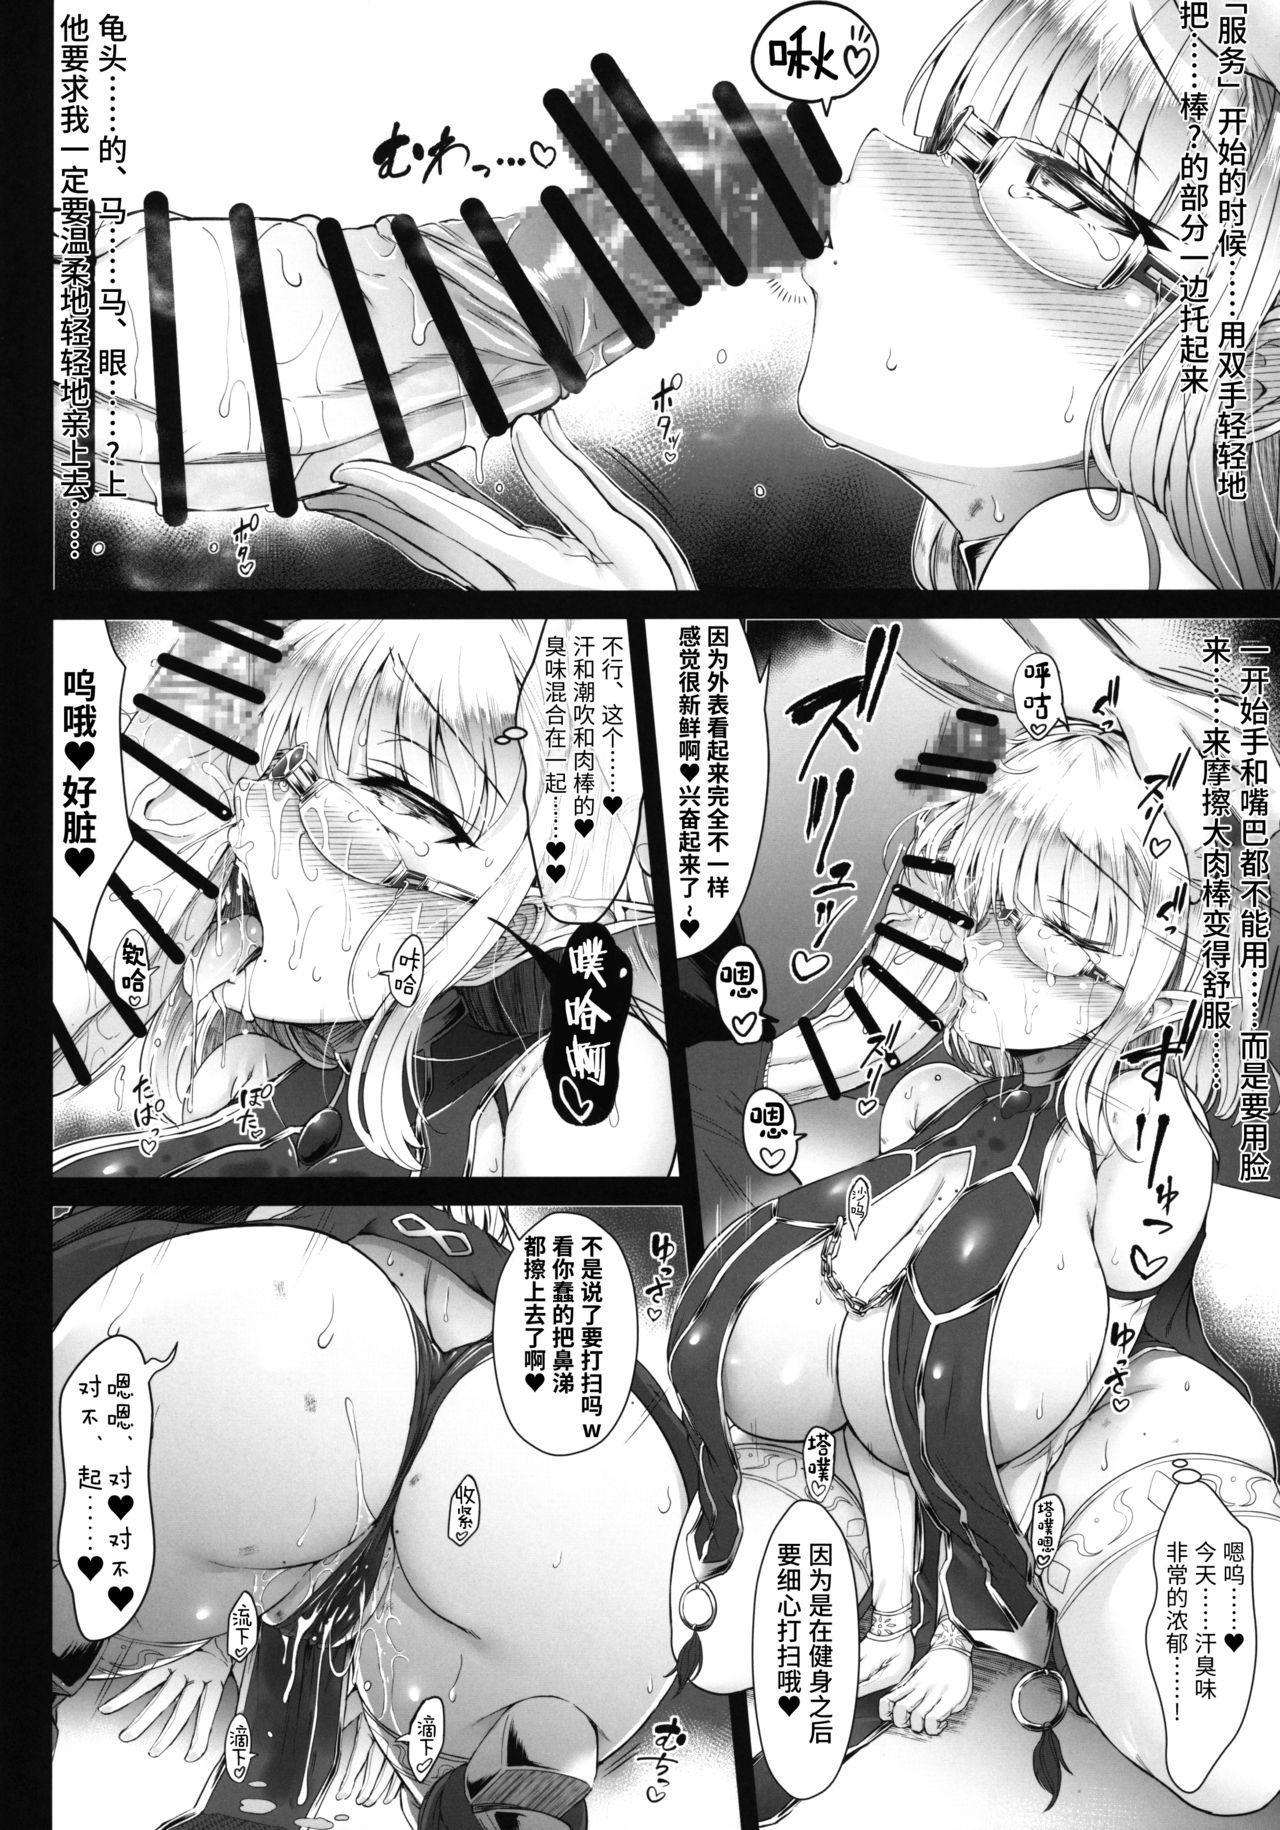 Karisome no Kanojo II Cosplay H Hen 24